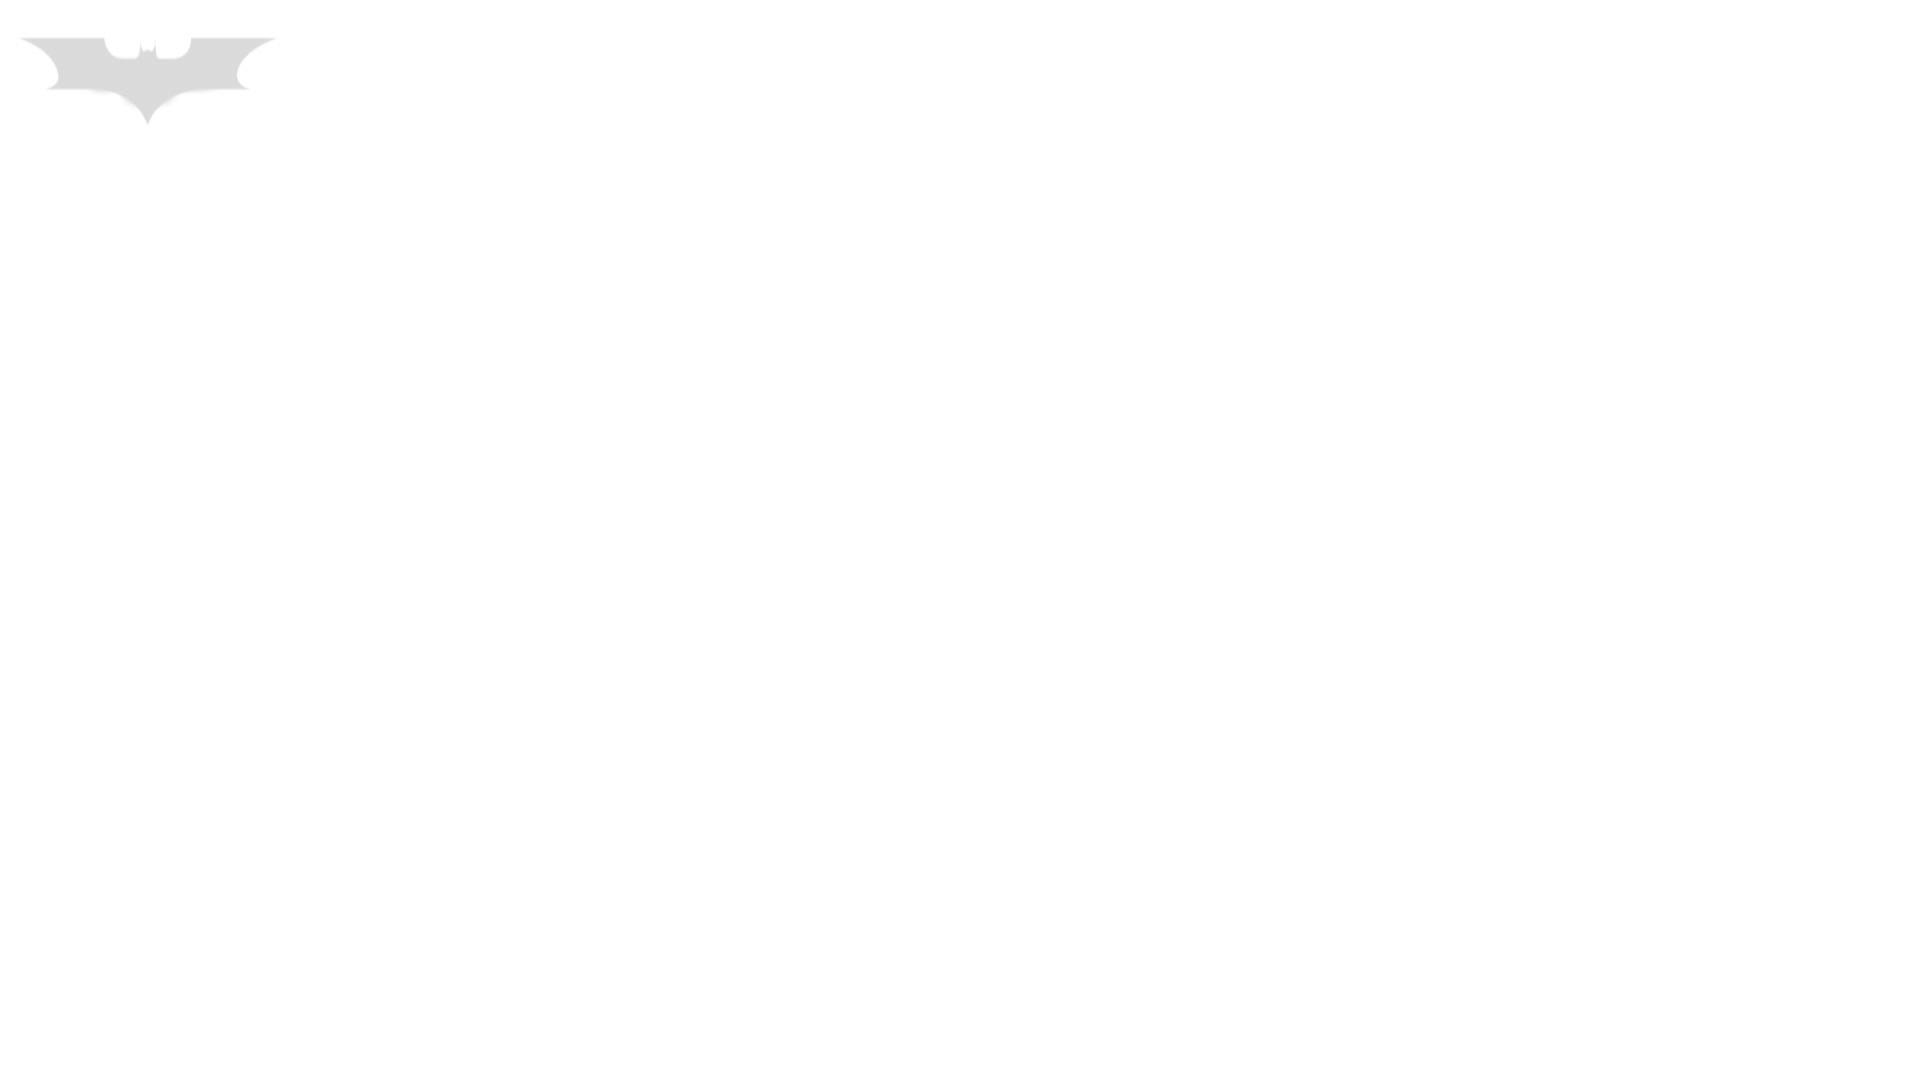 洗面所特攻隊 vol.74 last 2総勢16名激撮【2015・29位】 お姉さん  95PIX 35